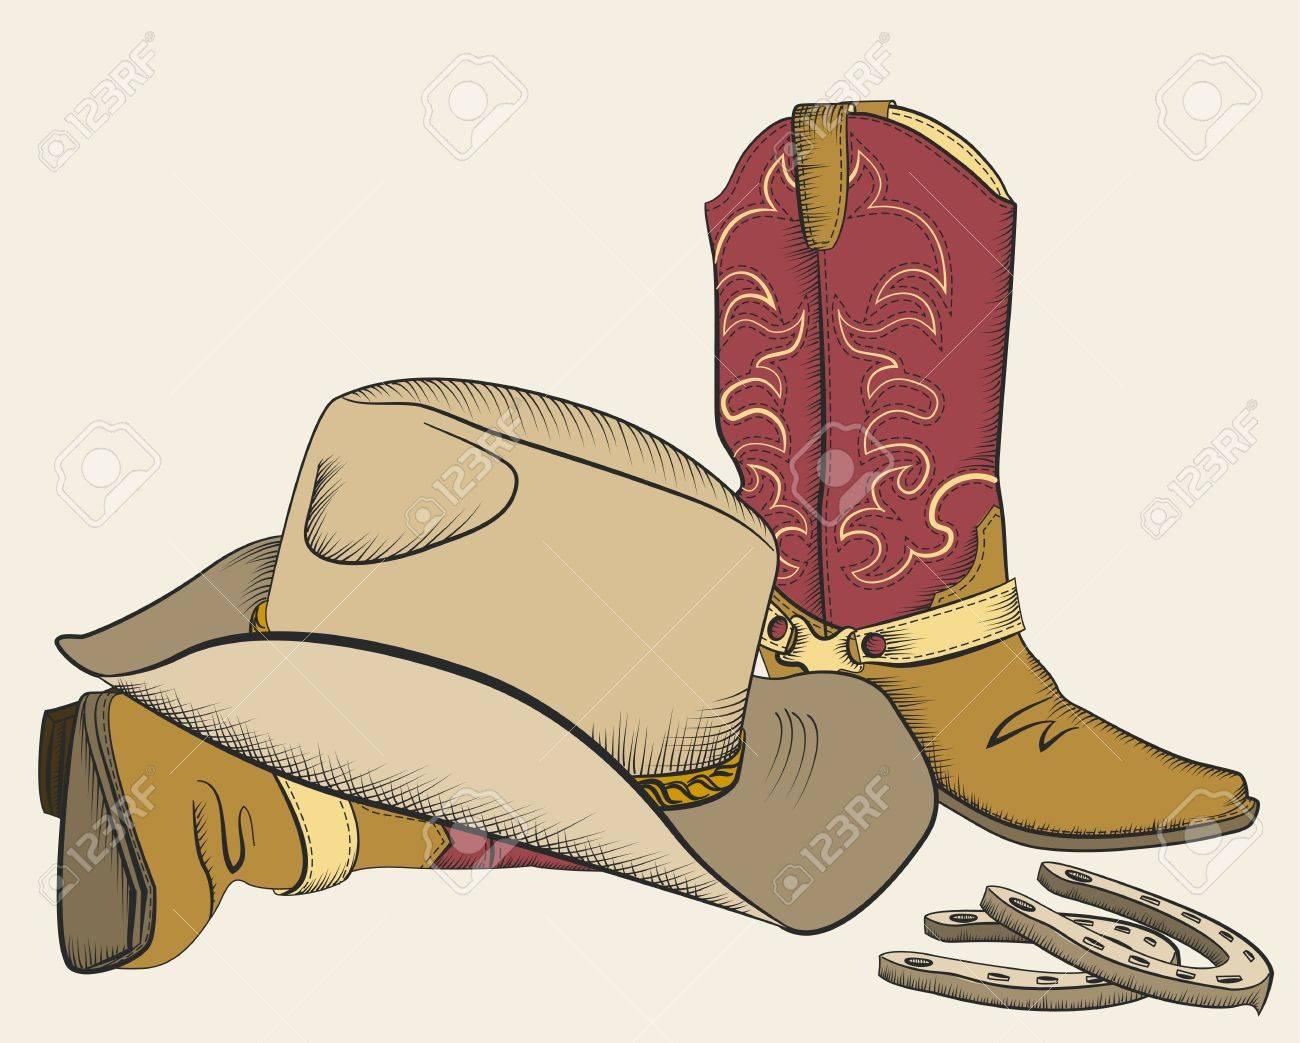 Foto de archivo - Las botas de vaquero y sombrero de diseño estadounidenses  elementos occidentales dc8d991e1ac